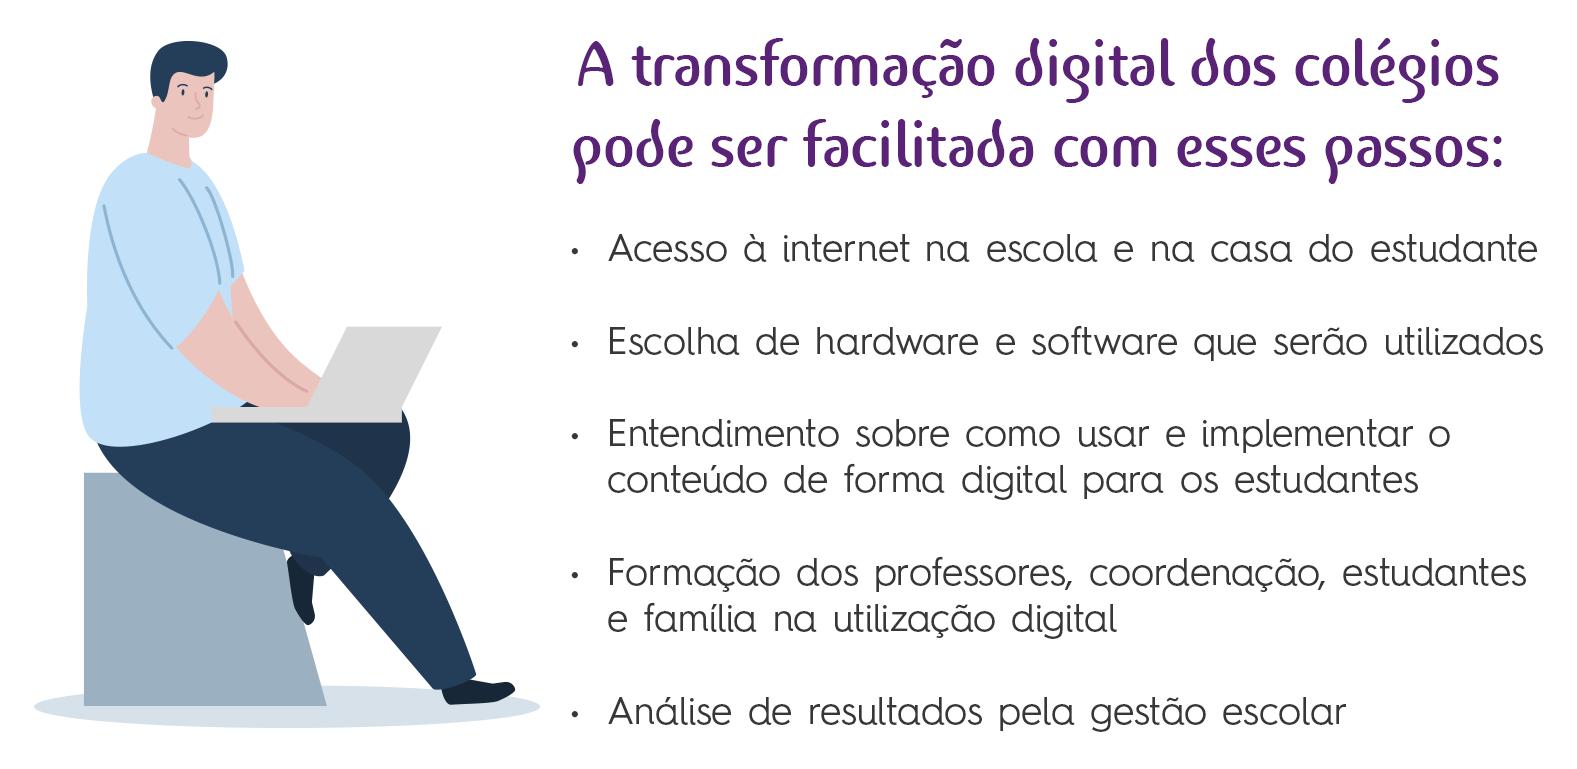 Nunca o termo transformação digital esteve tão em alta em todos os setores a partir da crise instalada pela pandemia da Covid 19.